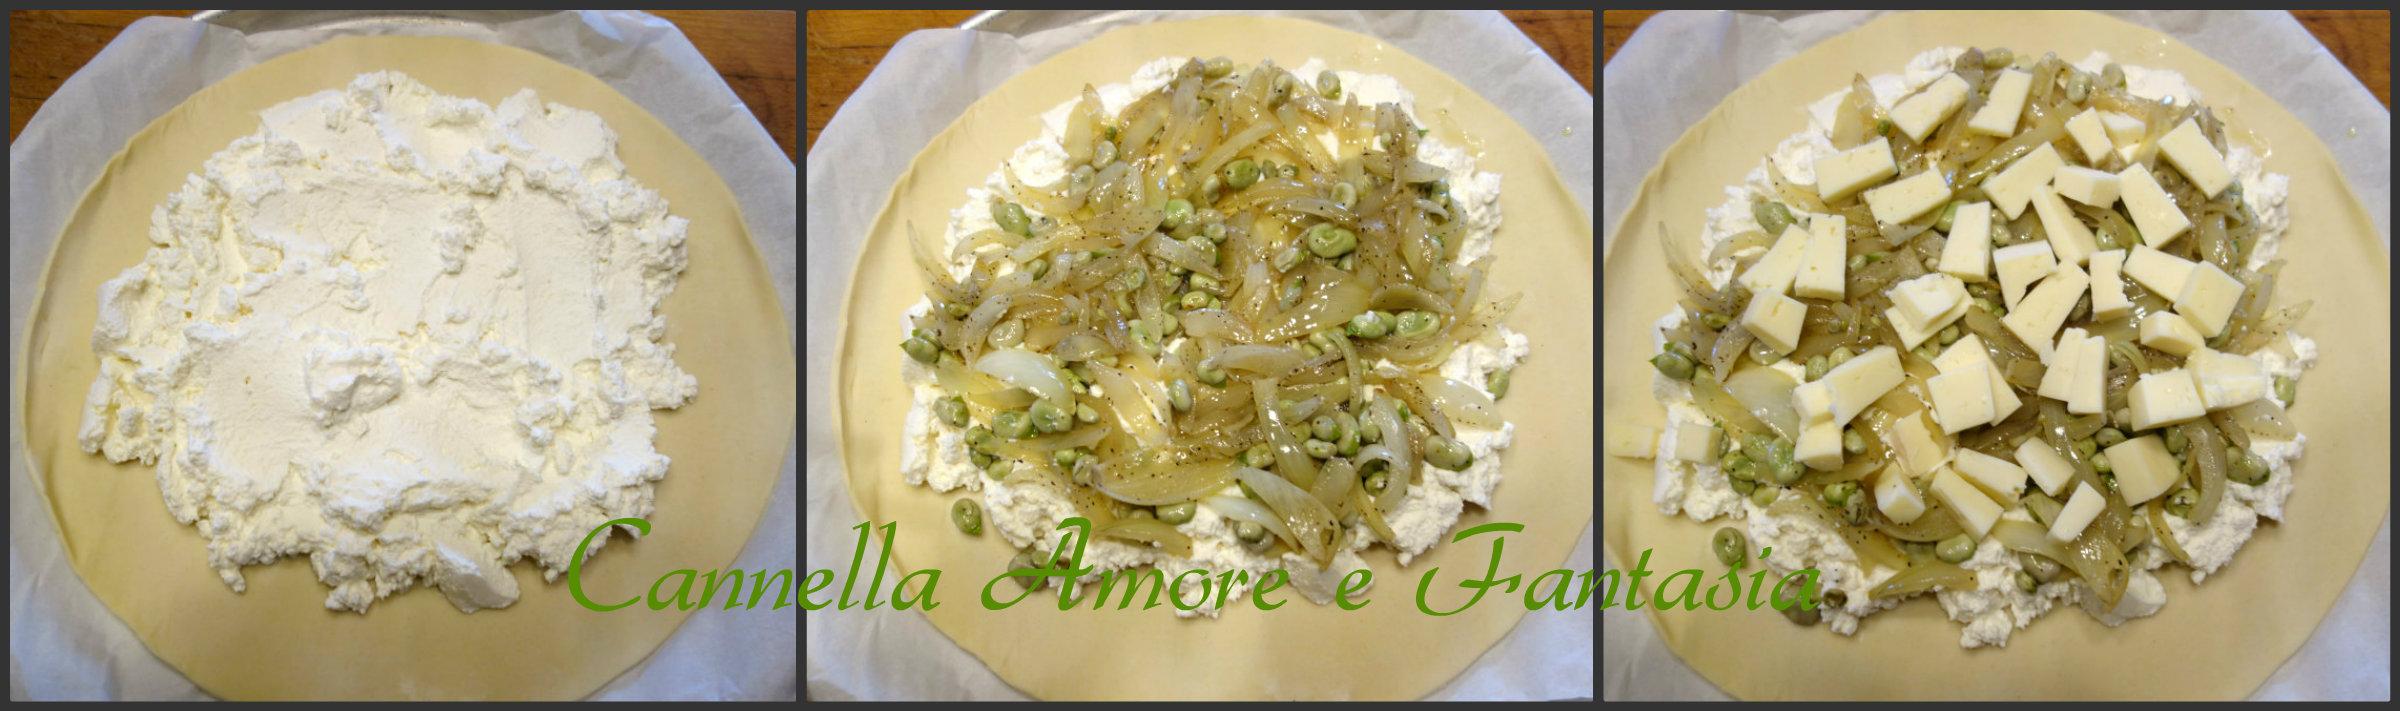 Mpanata siciliana di ricotta e fave